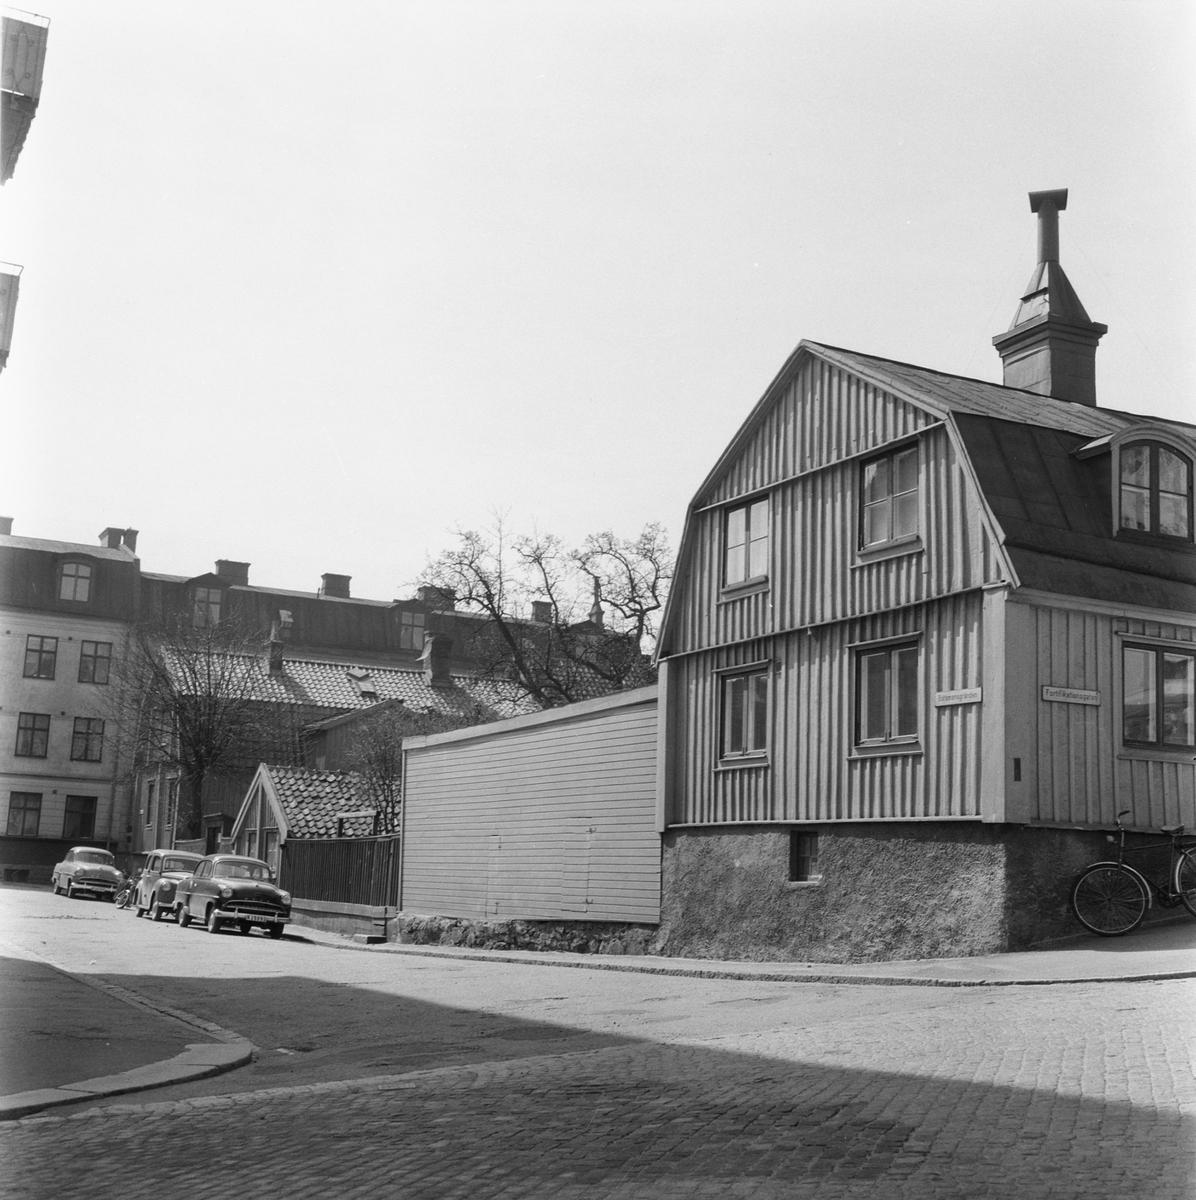 Övrigt: Fotodatum:1/7 1959 Byggnader och Kranar. Sparrensgatan